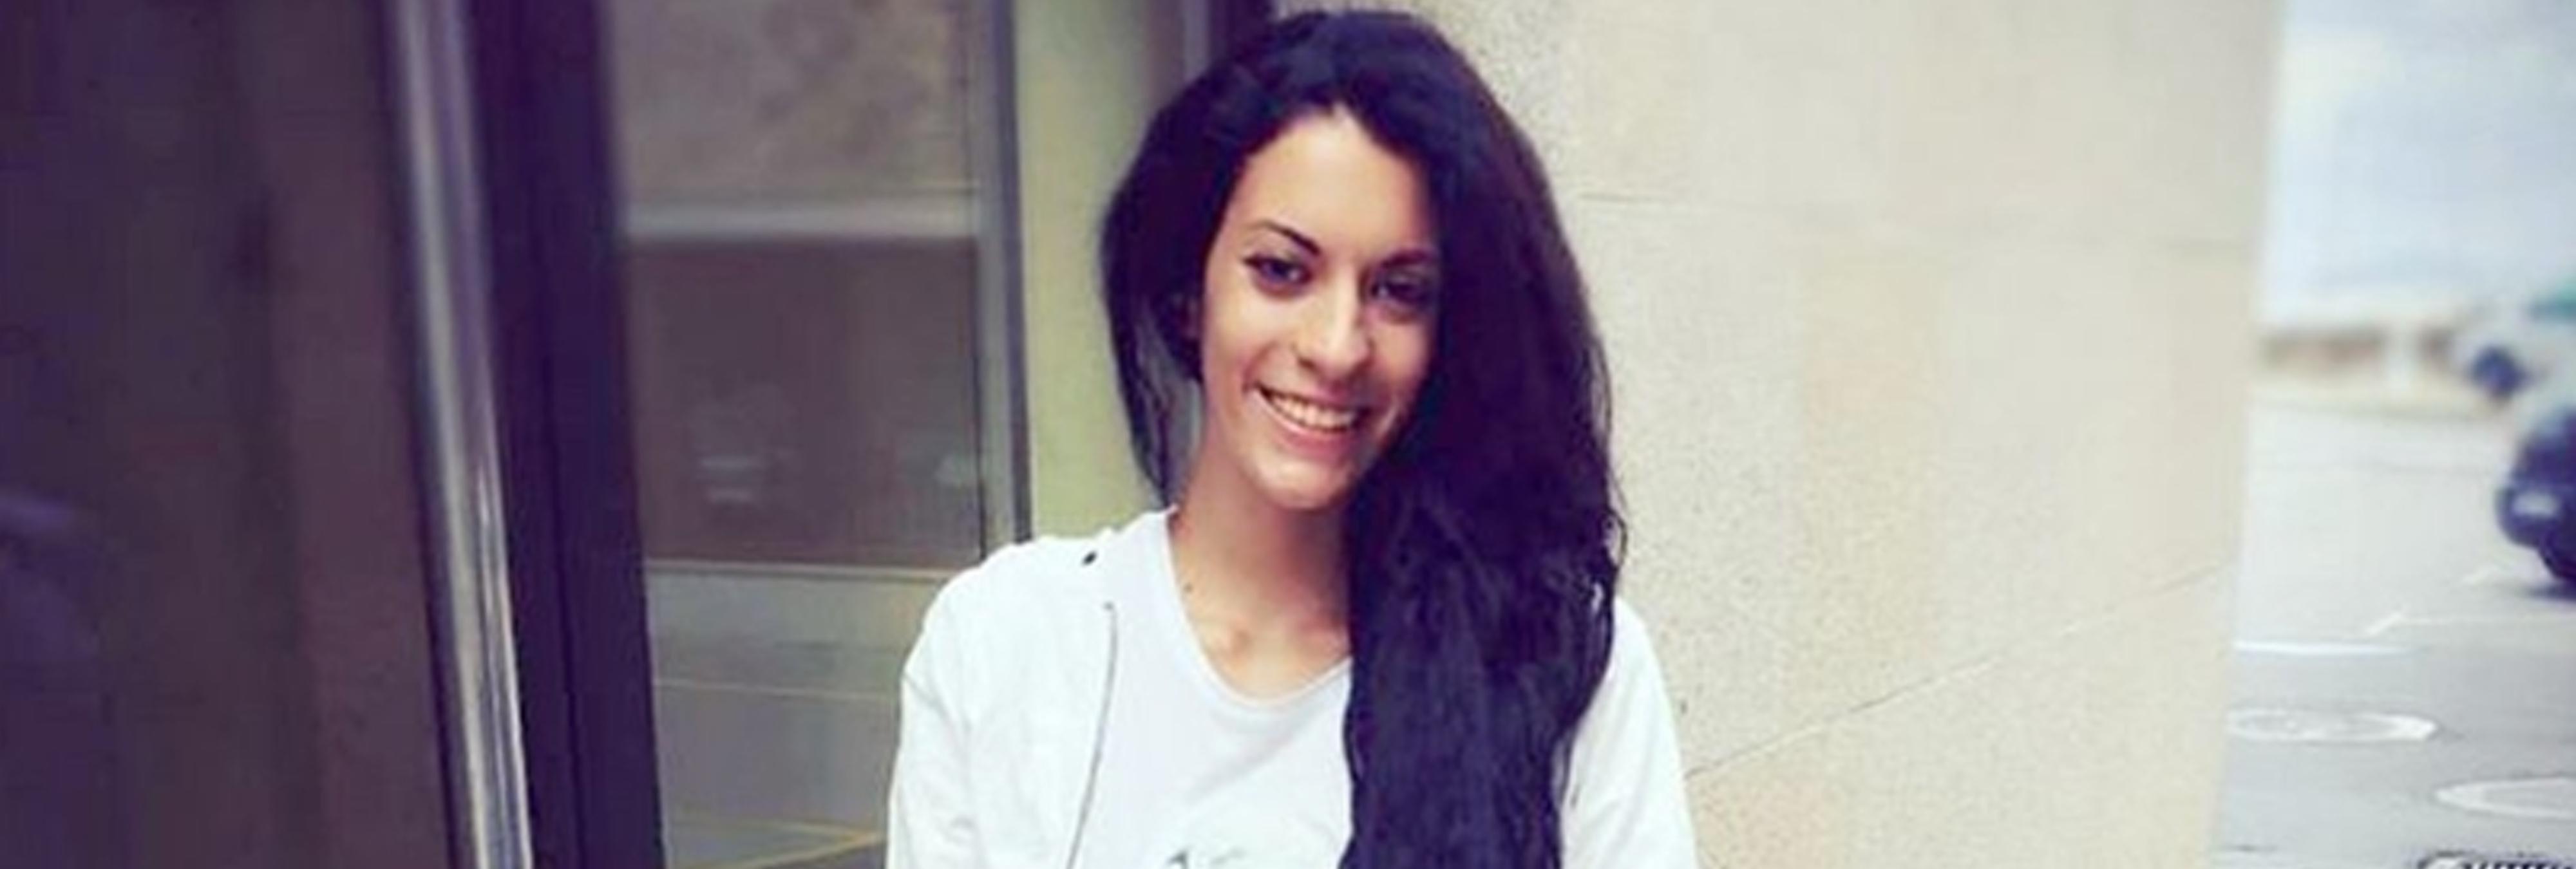 'El Chicle' reconstruye la madrugada en la que mató a Diana Quer